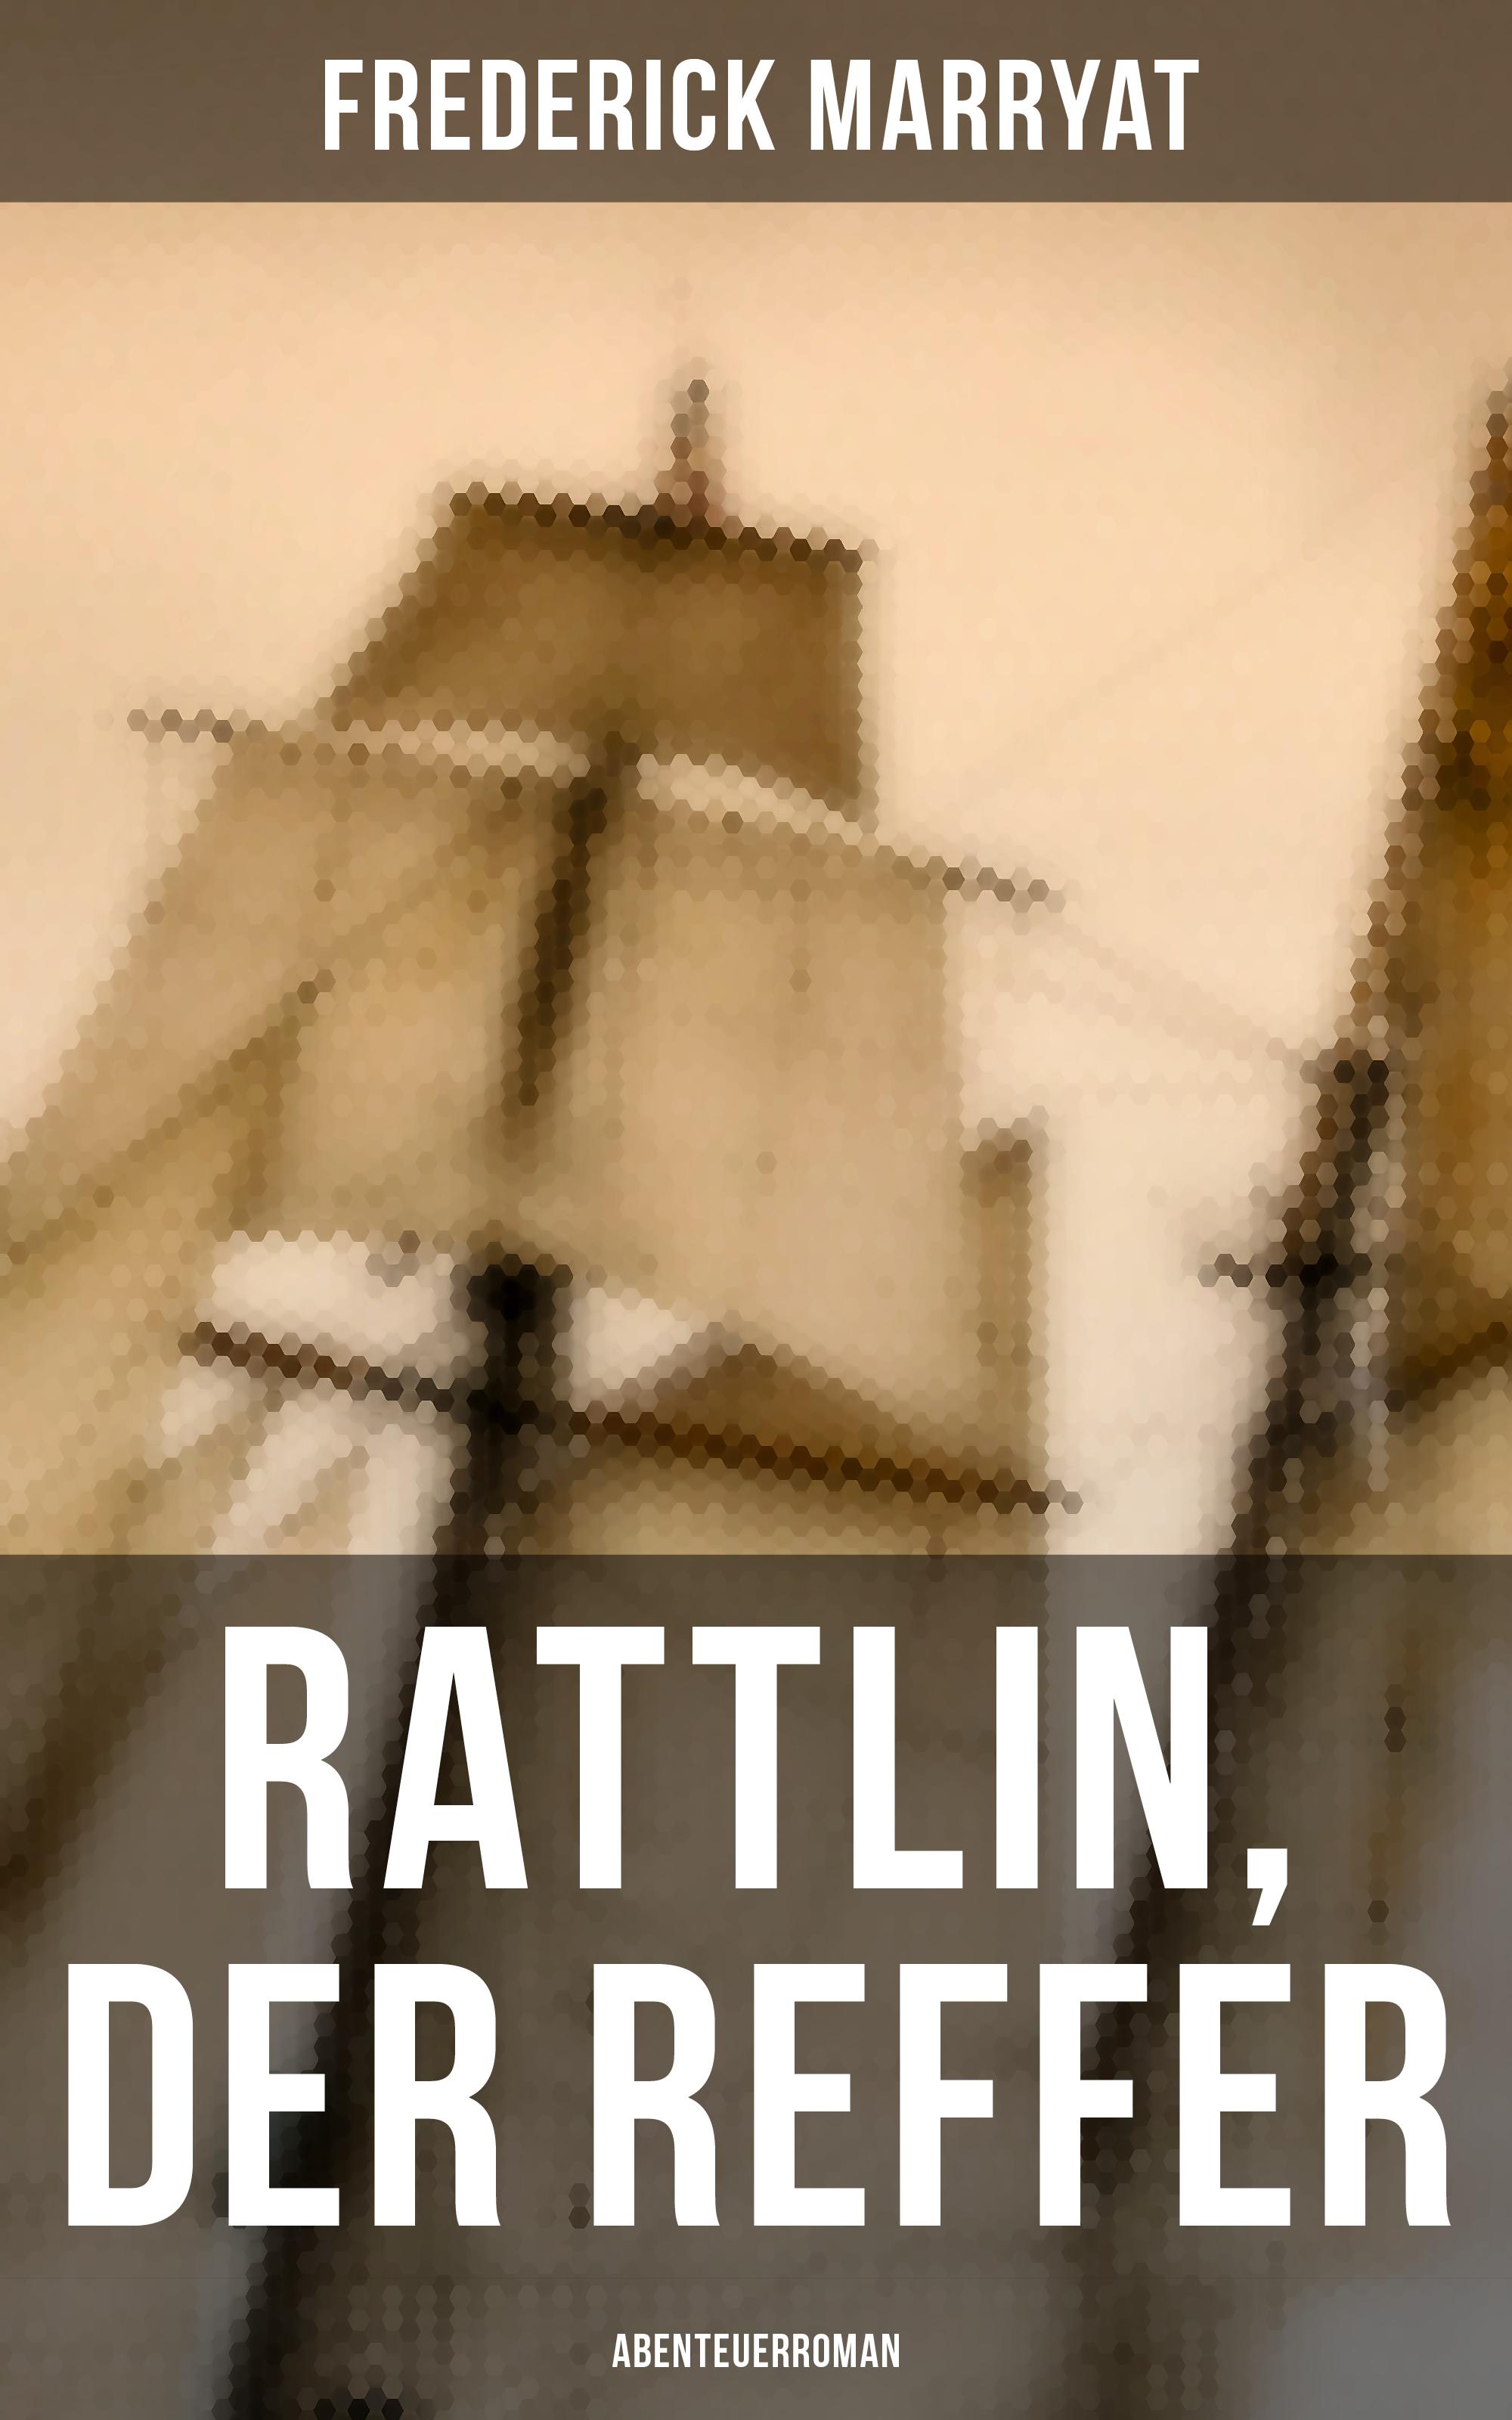 Frederick Marryat Rattlin, der Reffer: Abenteuerroman